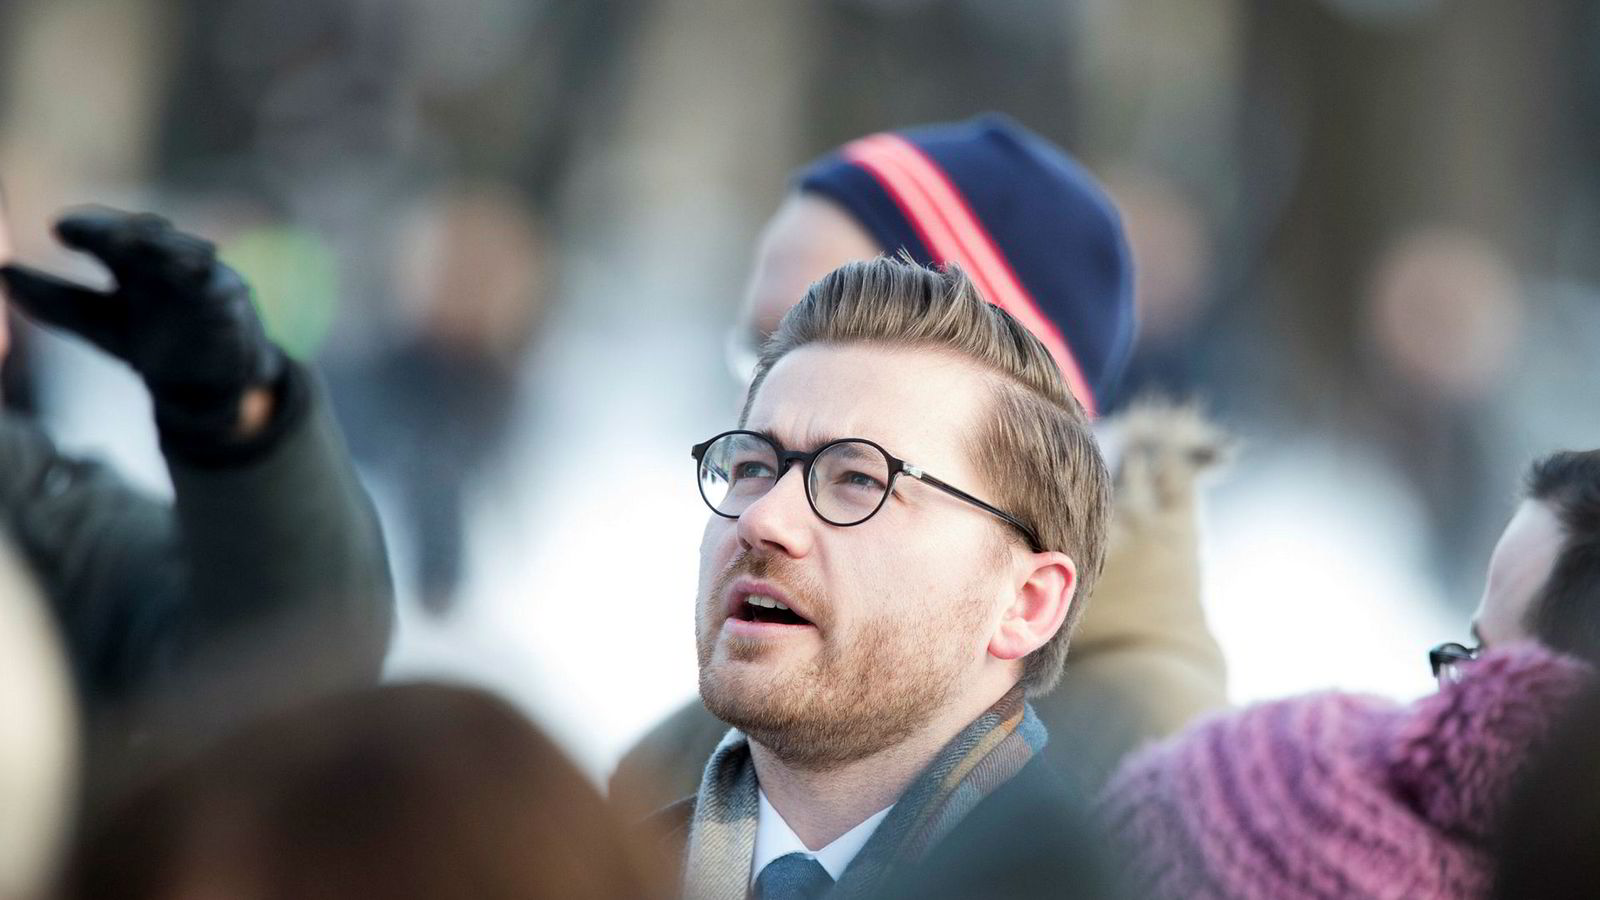 Advokatfullmektig og tidligere stortingsrepresentant for Venstre, Sveinung Rotevatn, blir statssekretær for Sylvi Listhaug (Frp). Her fra Slottsplassen onsdag.